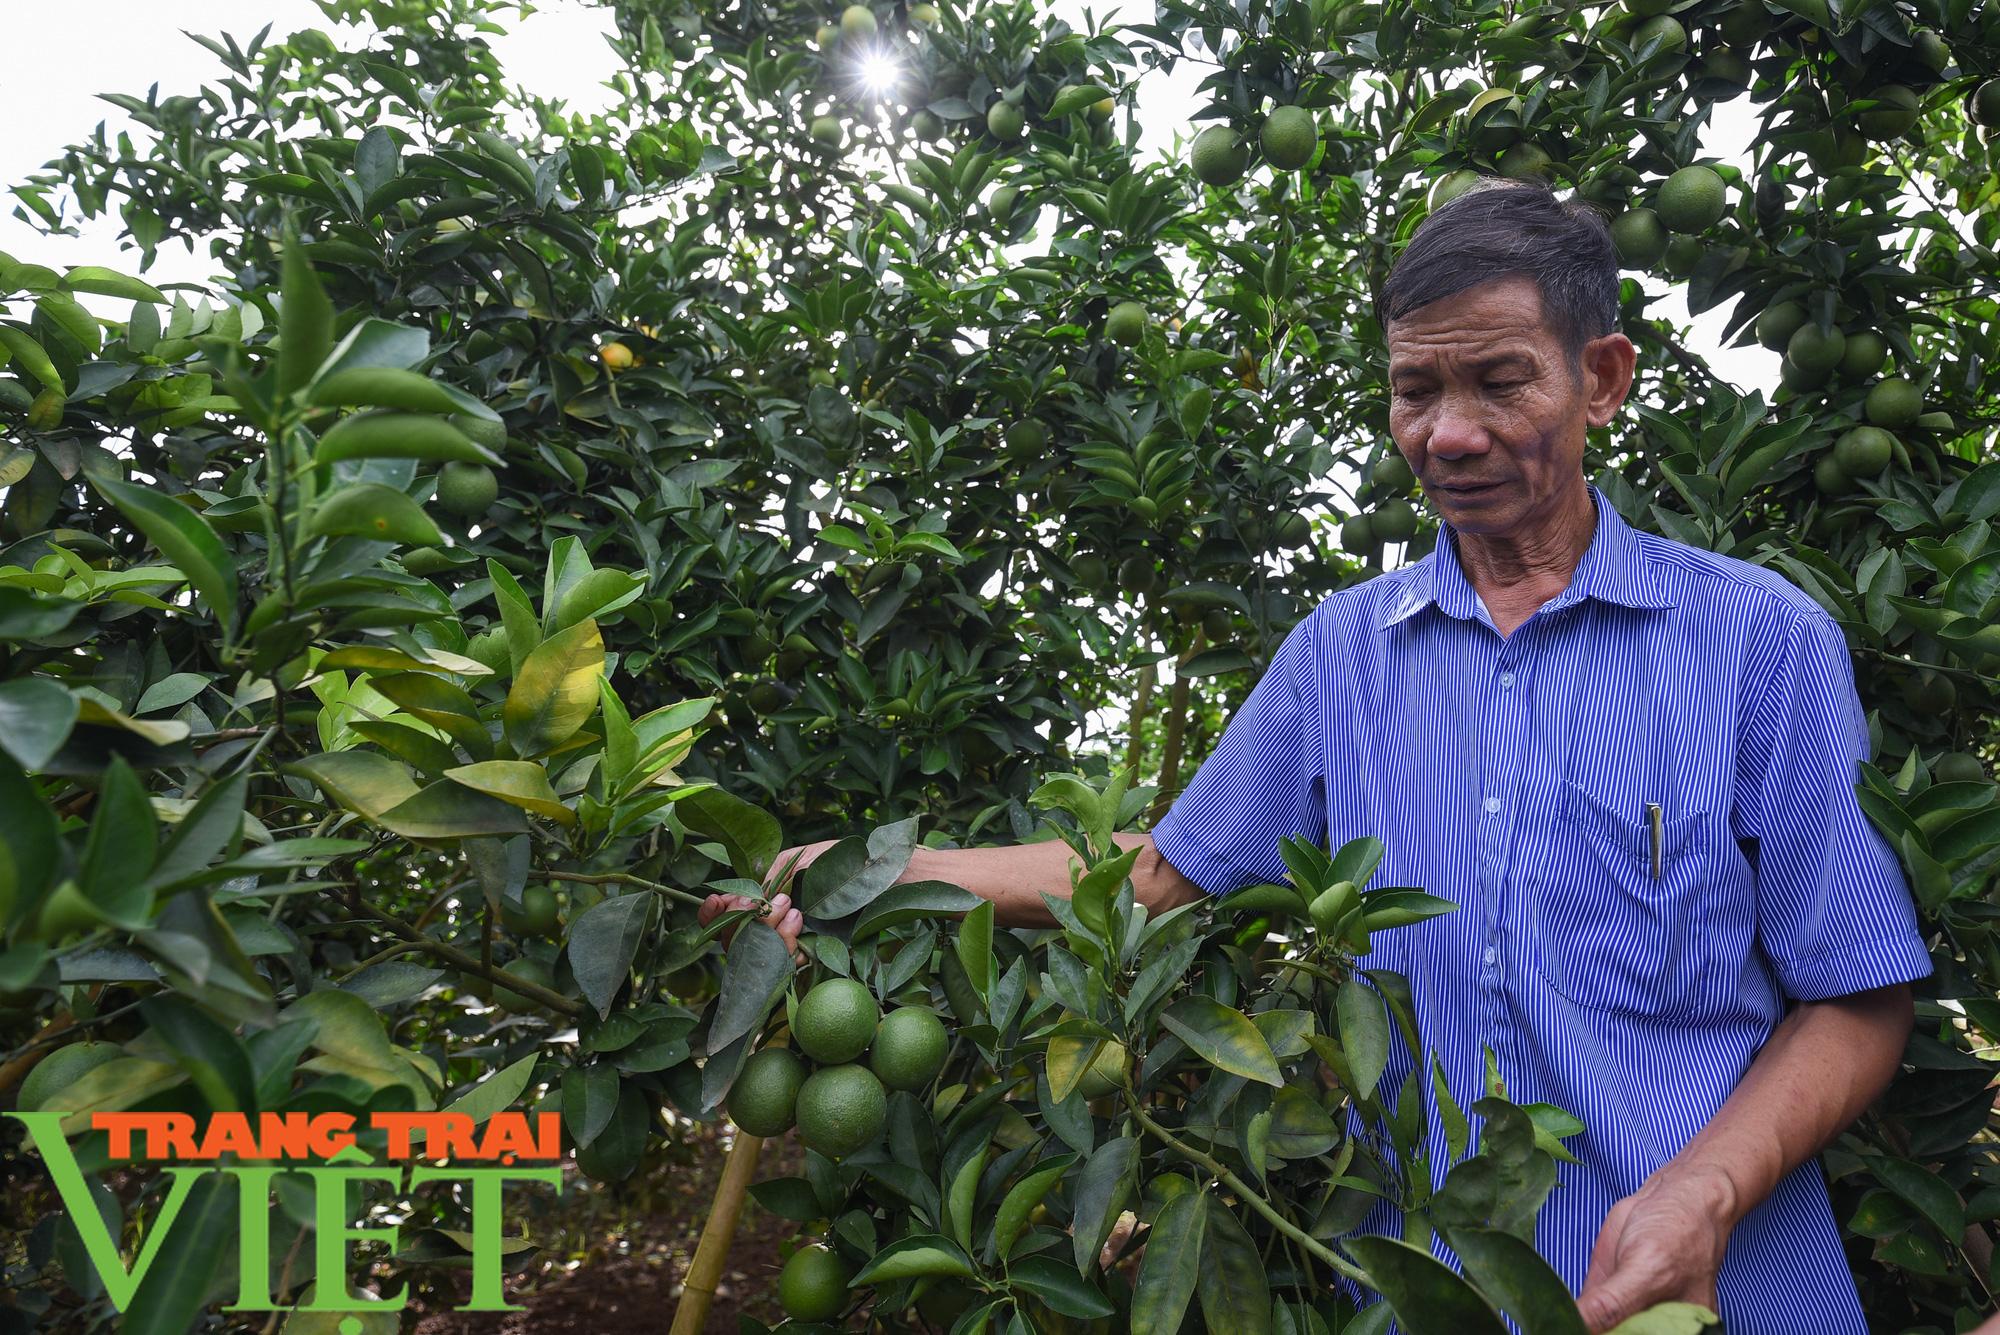 Nhà máy đi vào hoạt động sẽ giúp đảm bảo đầu ra cho nông sản Sơn La - Ảnh 7.